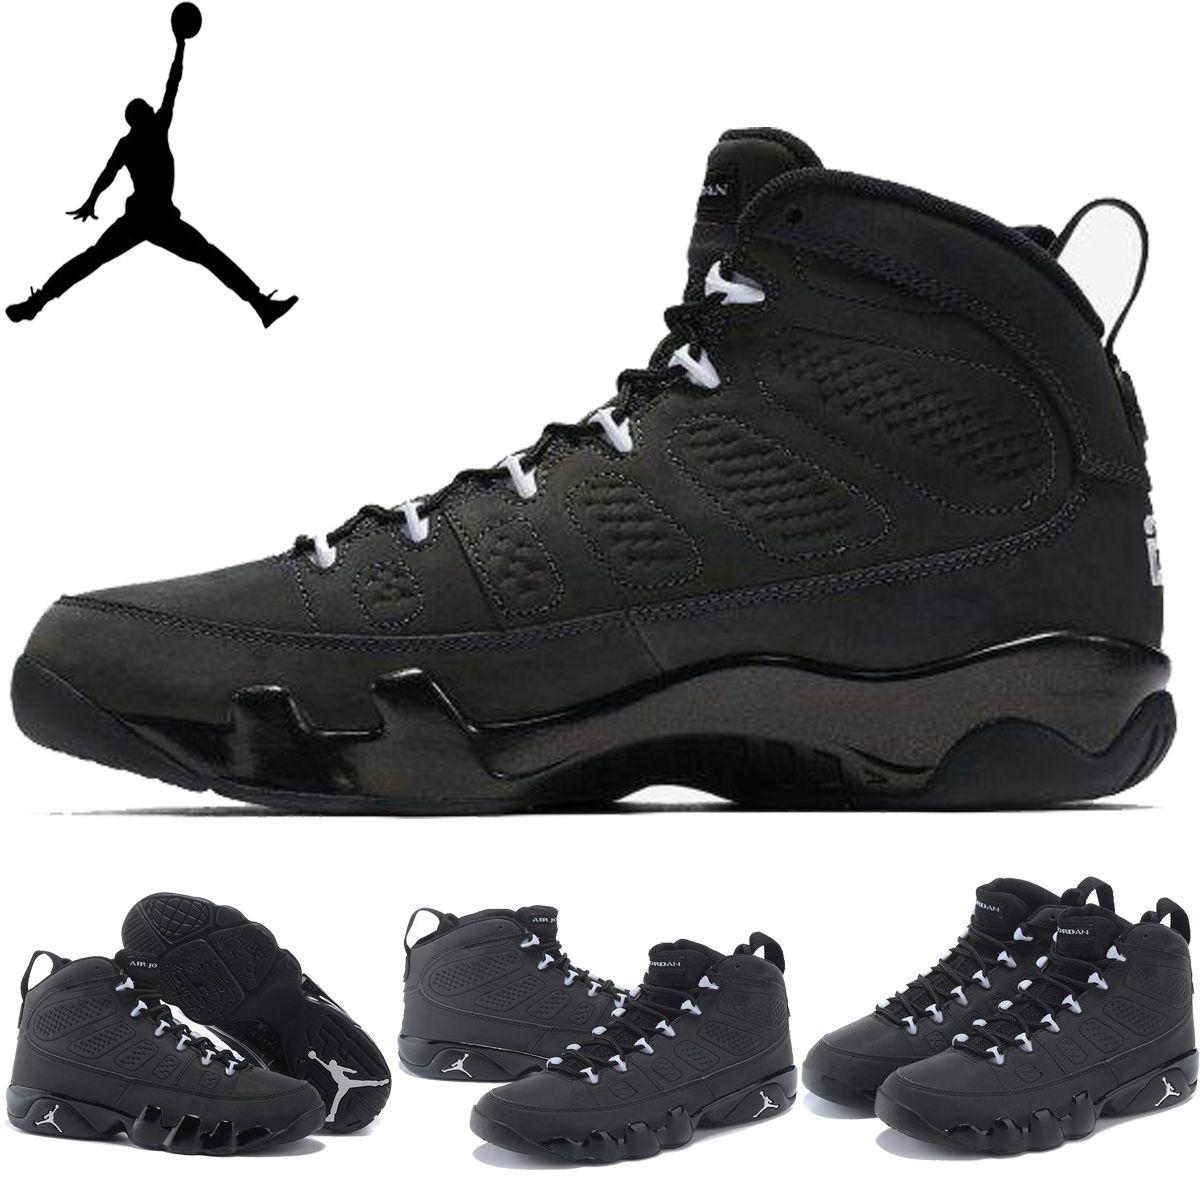 air jordan 9 retro anthracite men's shoes